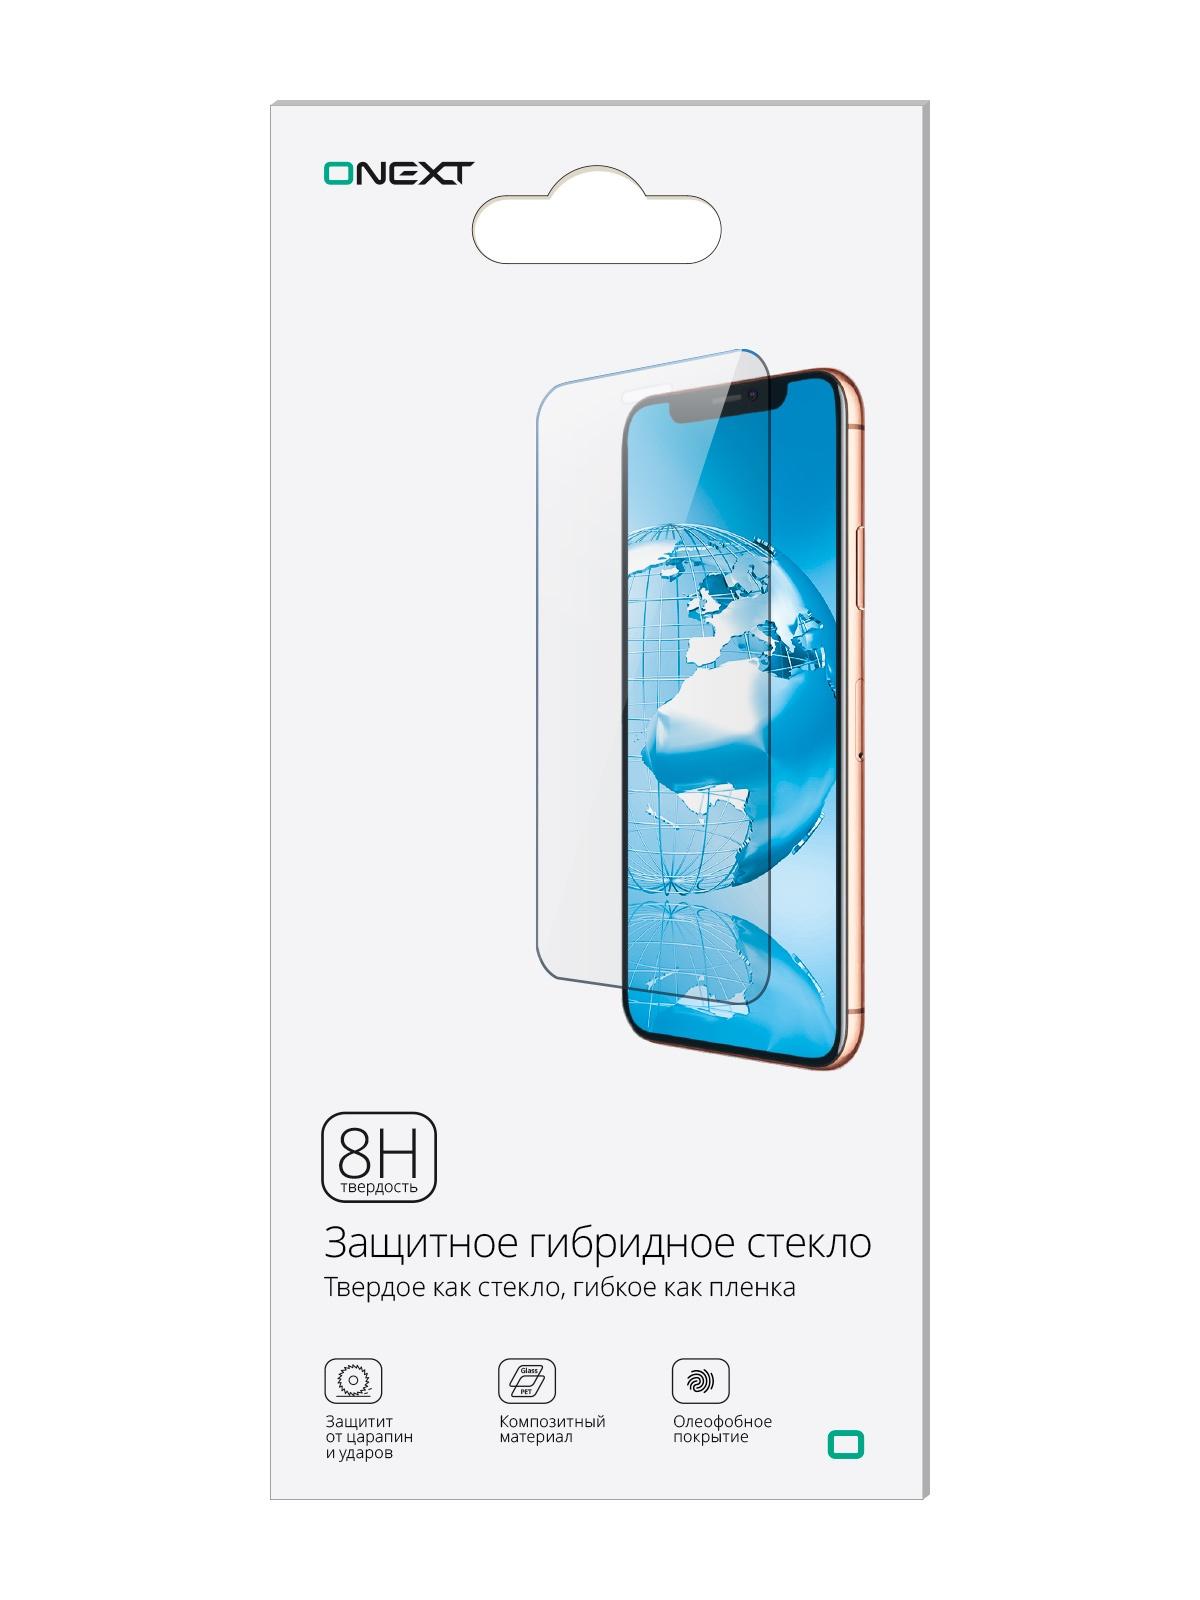 Защитное стекло ONEXT Huawei Y6/Y6 Prime (2018) защитное стекло для huawei y6 prime 2018 onext 3d изогнутое по форме дисплея с черной рамкой